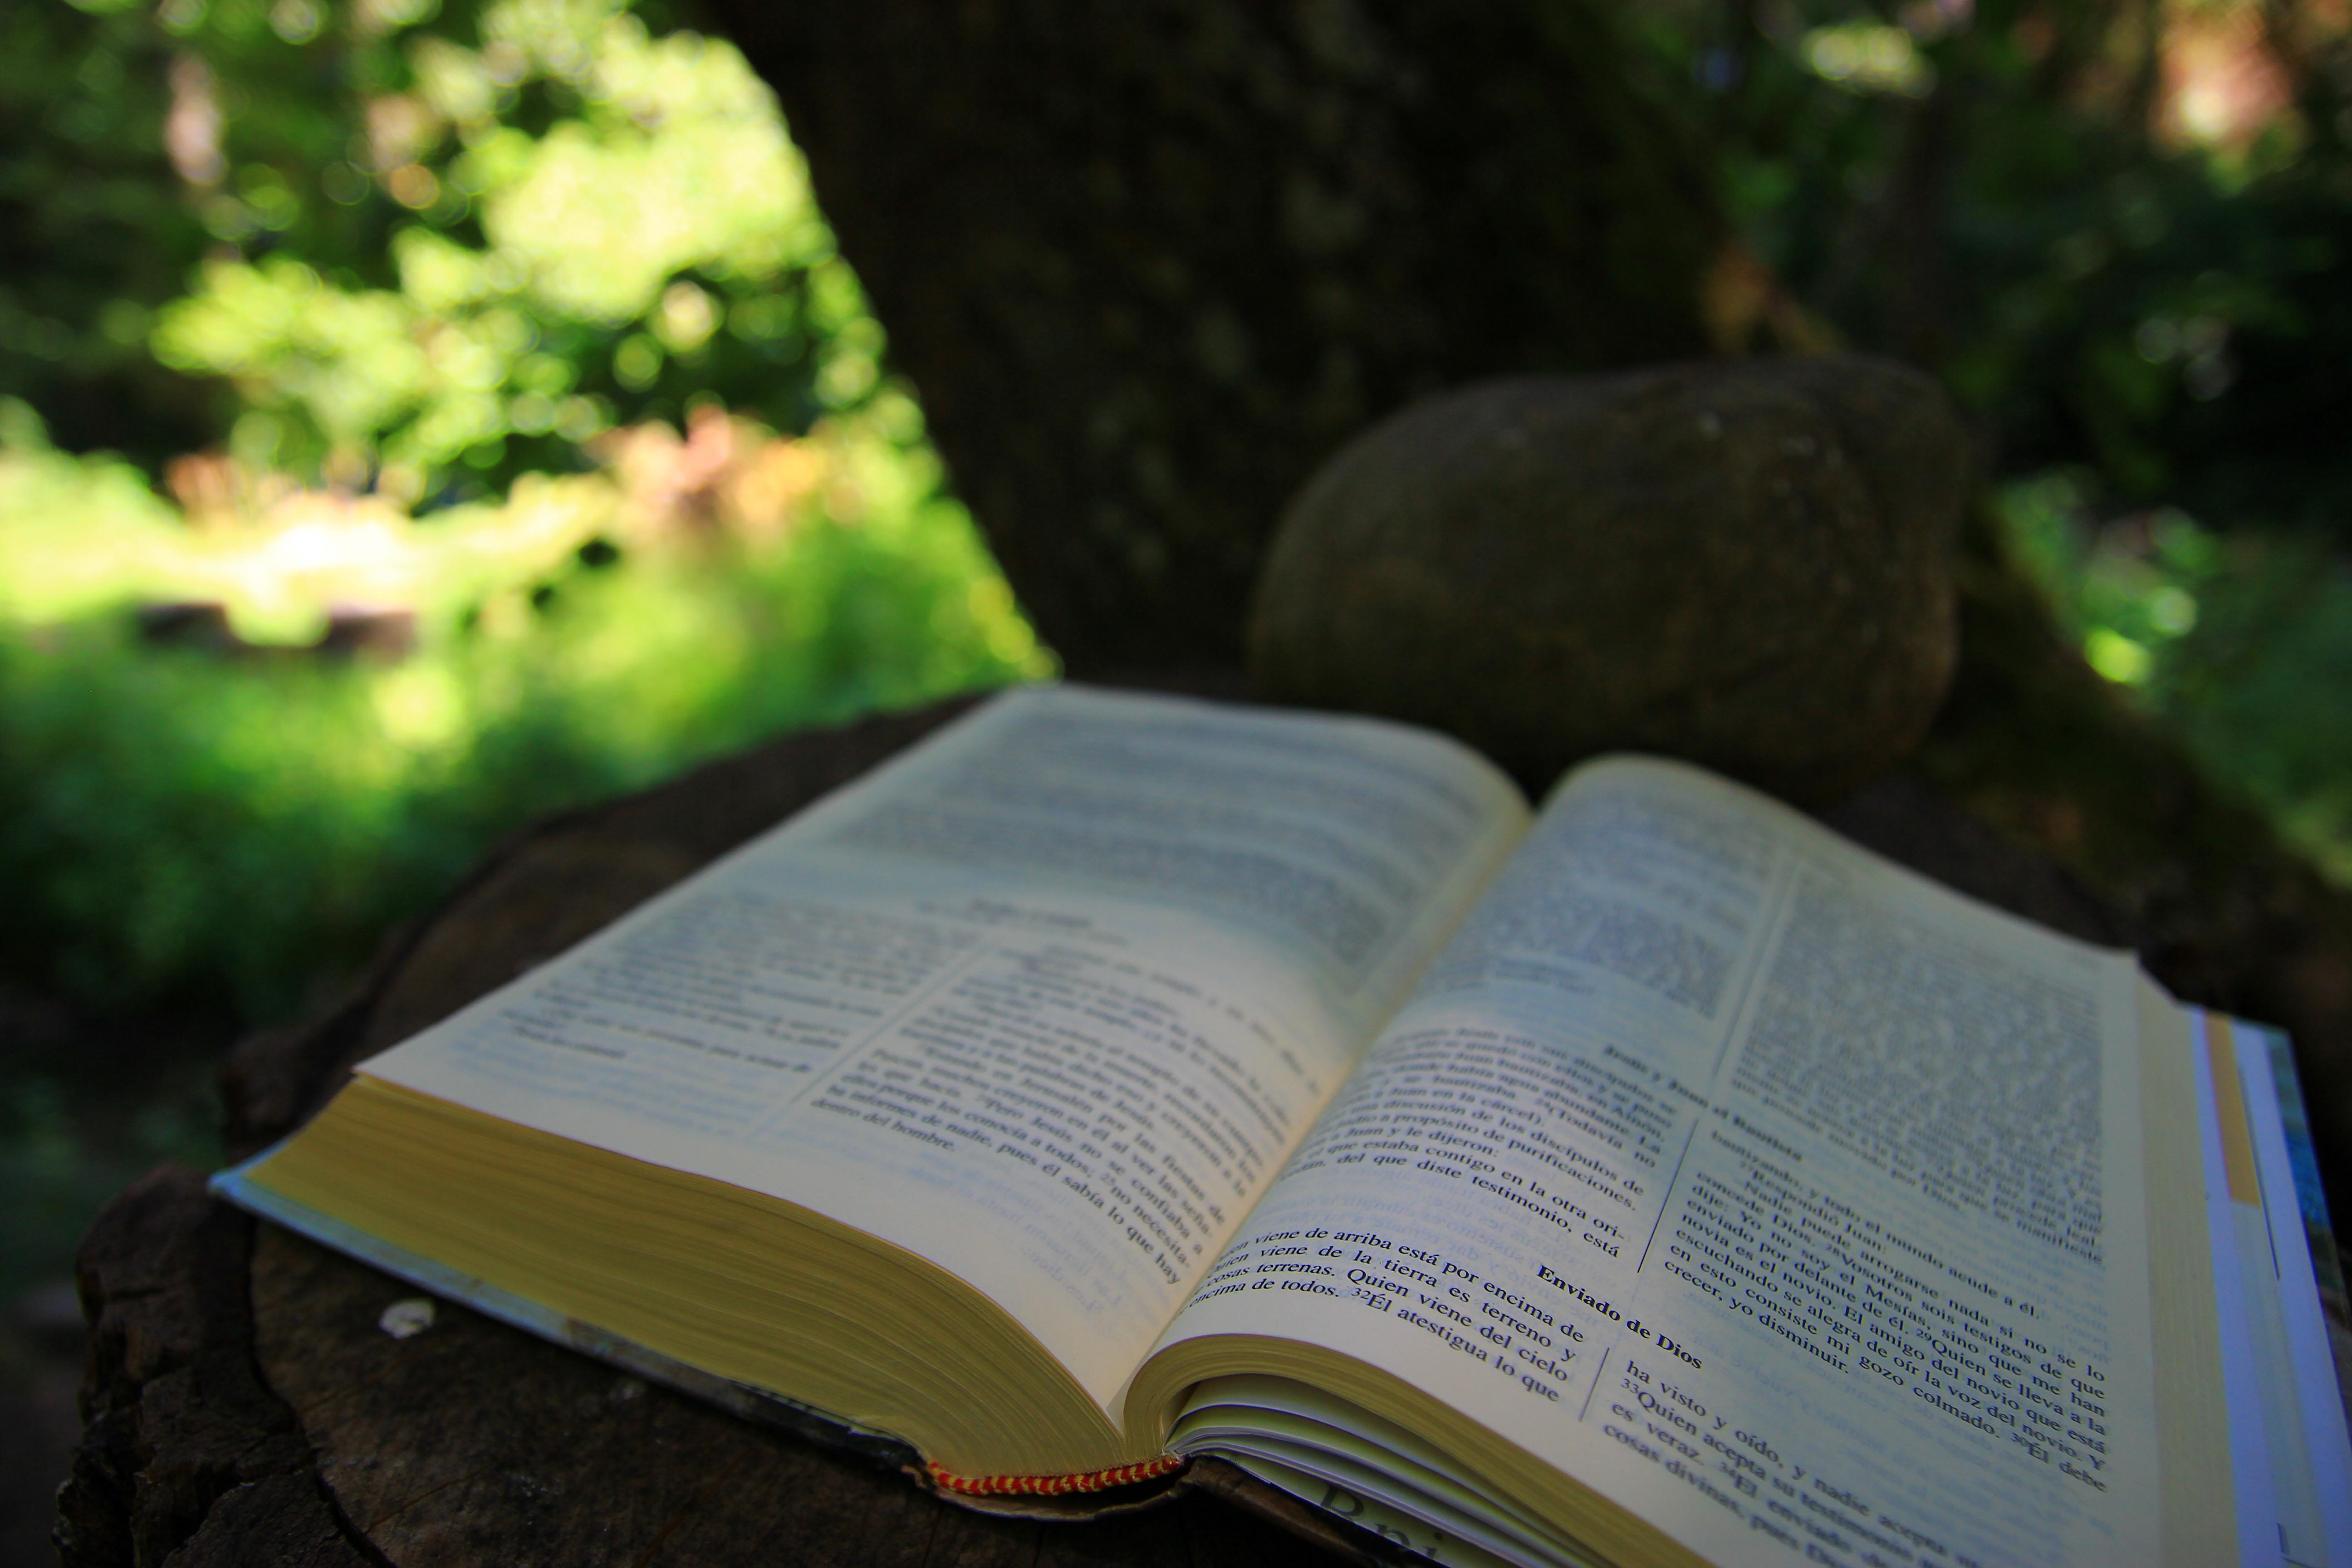 Nuestra presencia evangelizadora en el Mundo Profesional. Guión de Trabajo